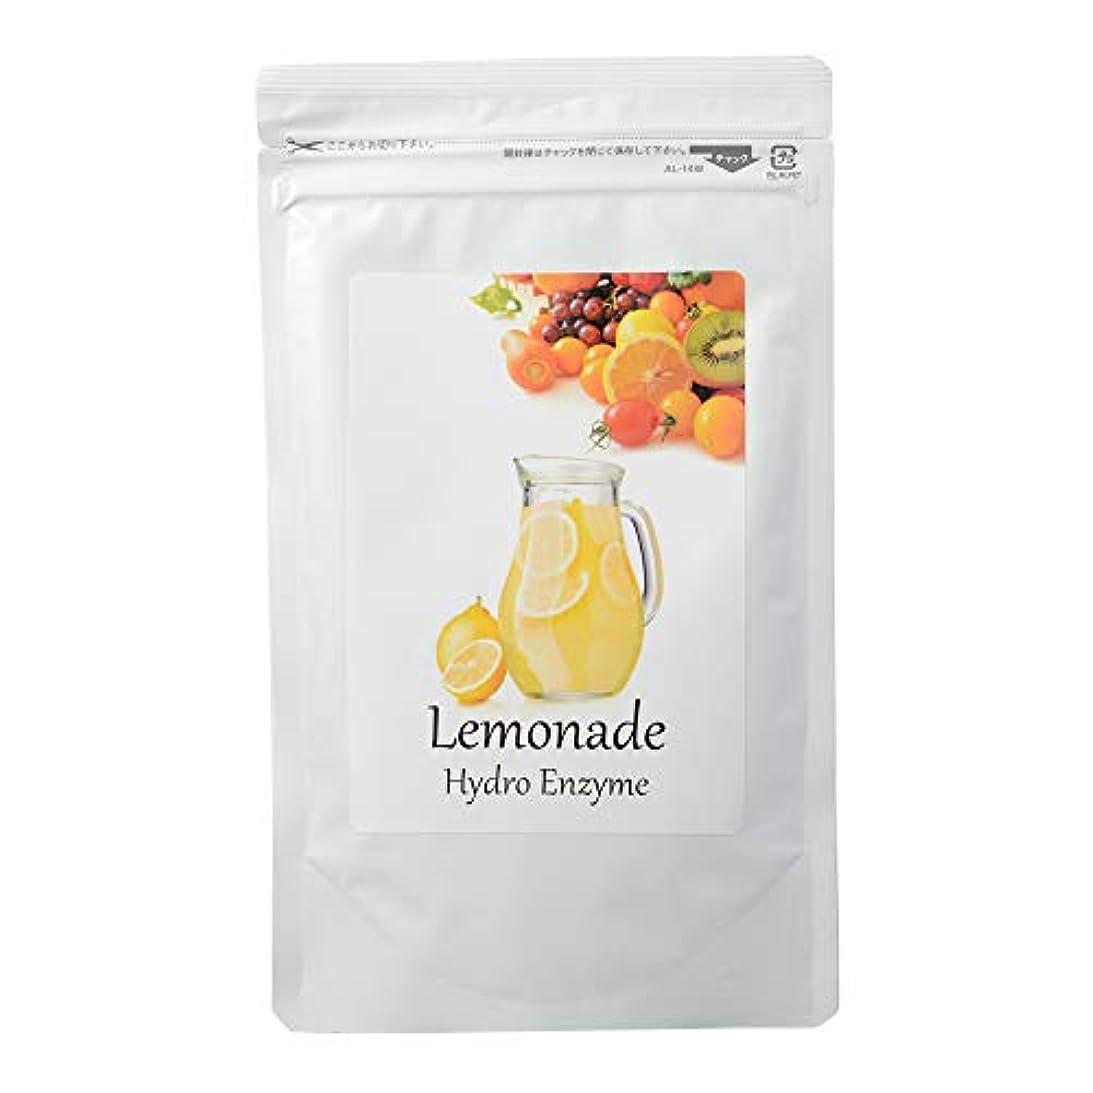 自伝授業料みなすLemonade Hydro Enzyme (ダイエット ドリンク) レモネード 水素エンザイムダイエット 健康飲料 専用スプーン付 [内容量150g /説明書付き]